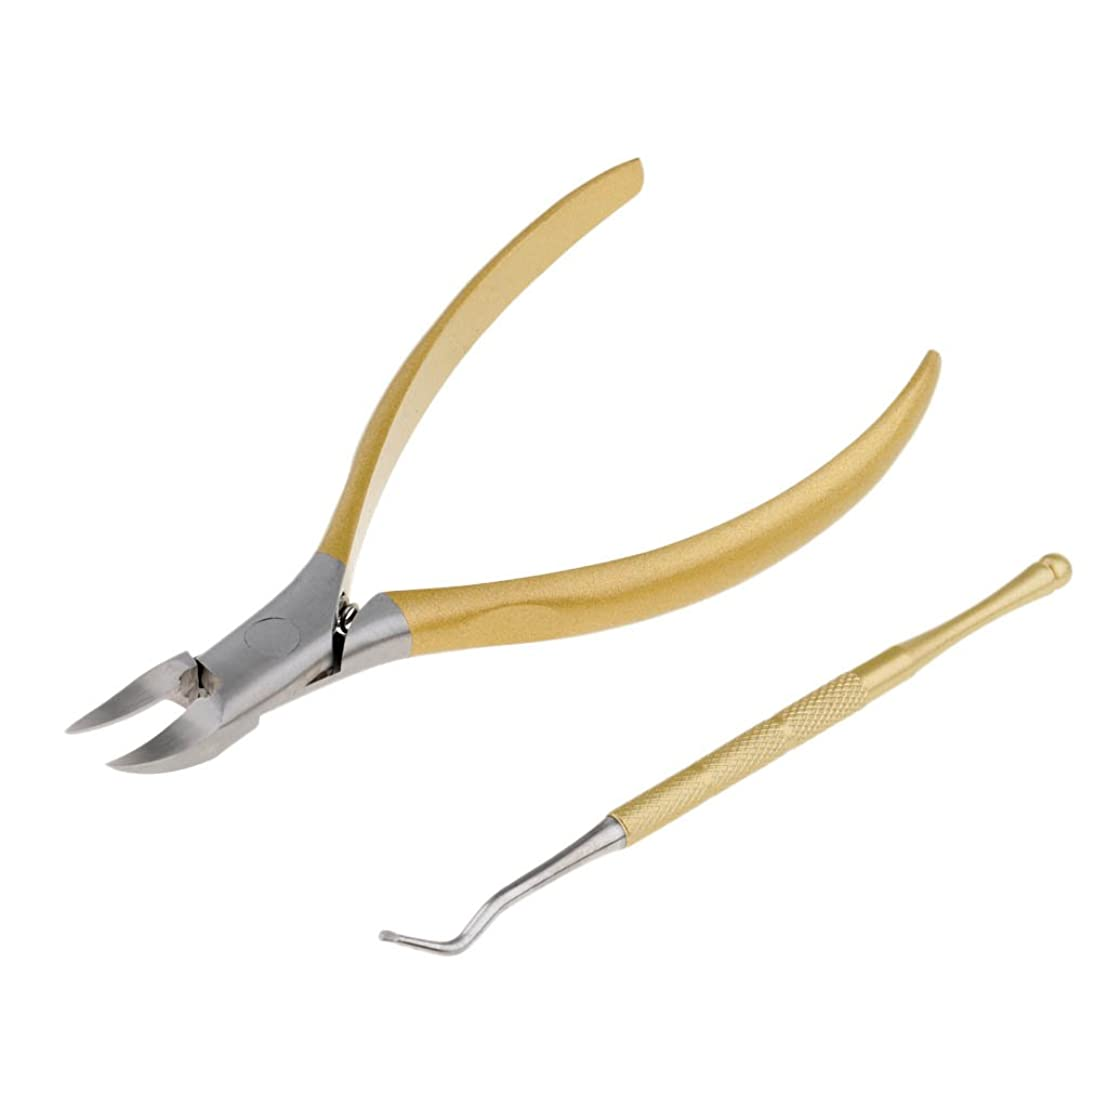 やがて対称スリンクFenteer 2点入り カッター クリッパー ネイル道具 爪やすり ステンレススチール ネイルトゥネールリフター クリッパー 4色選べる - ゴールデン